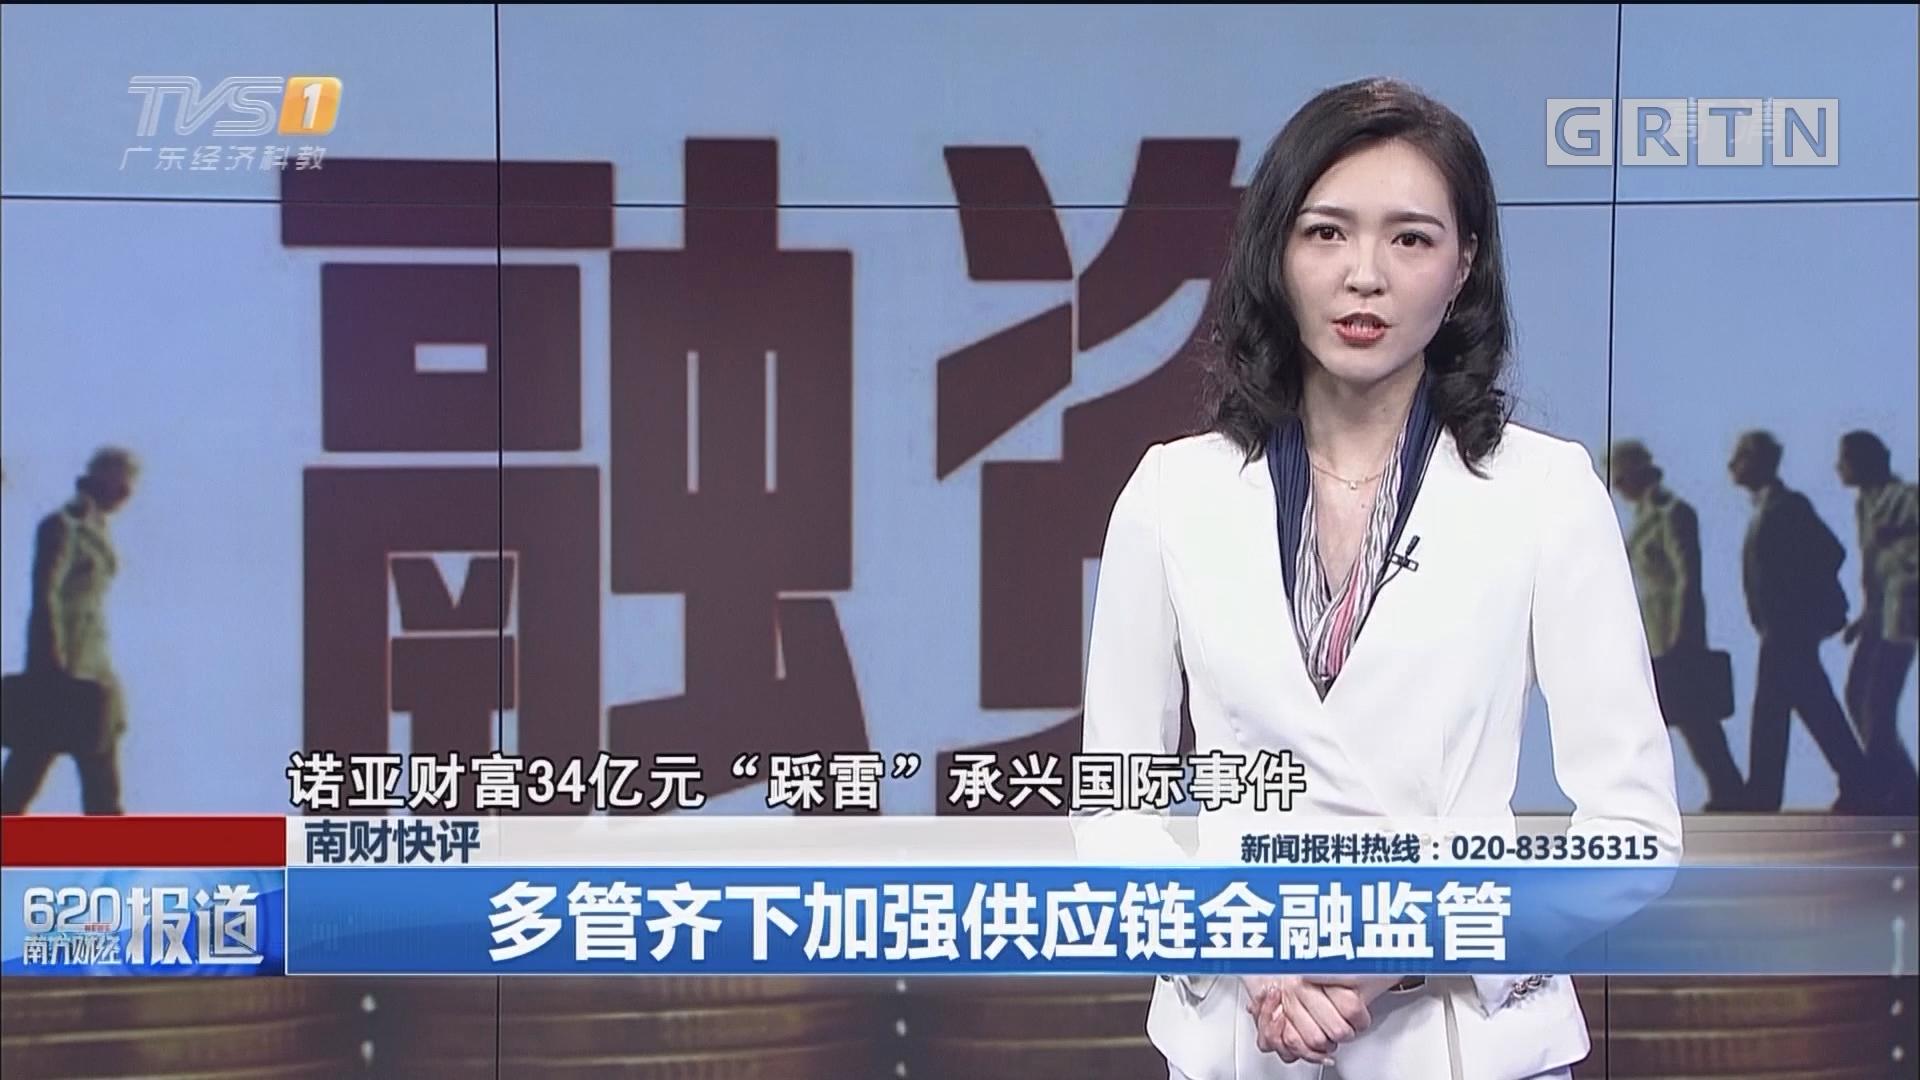 南财快评:多管齐下加强供应链金融监管